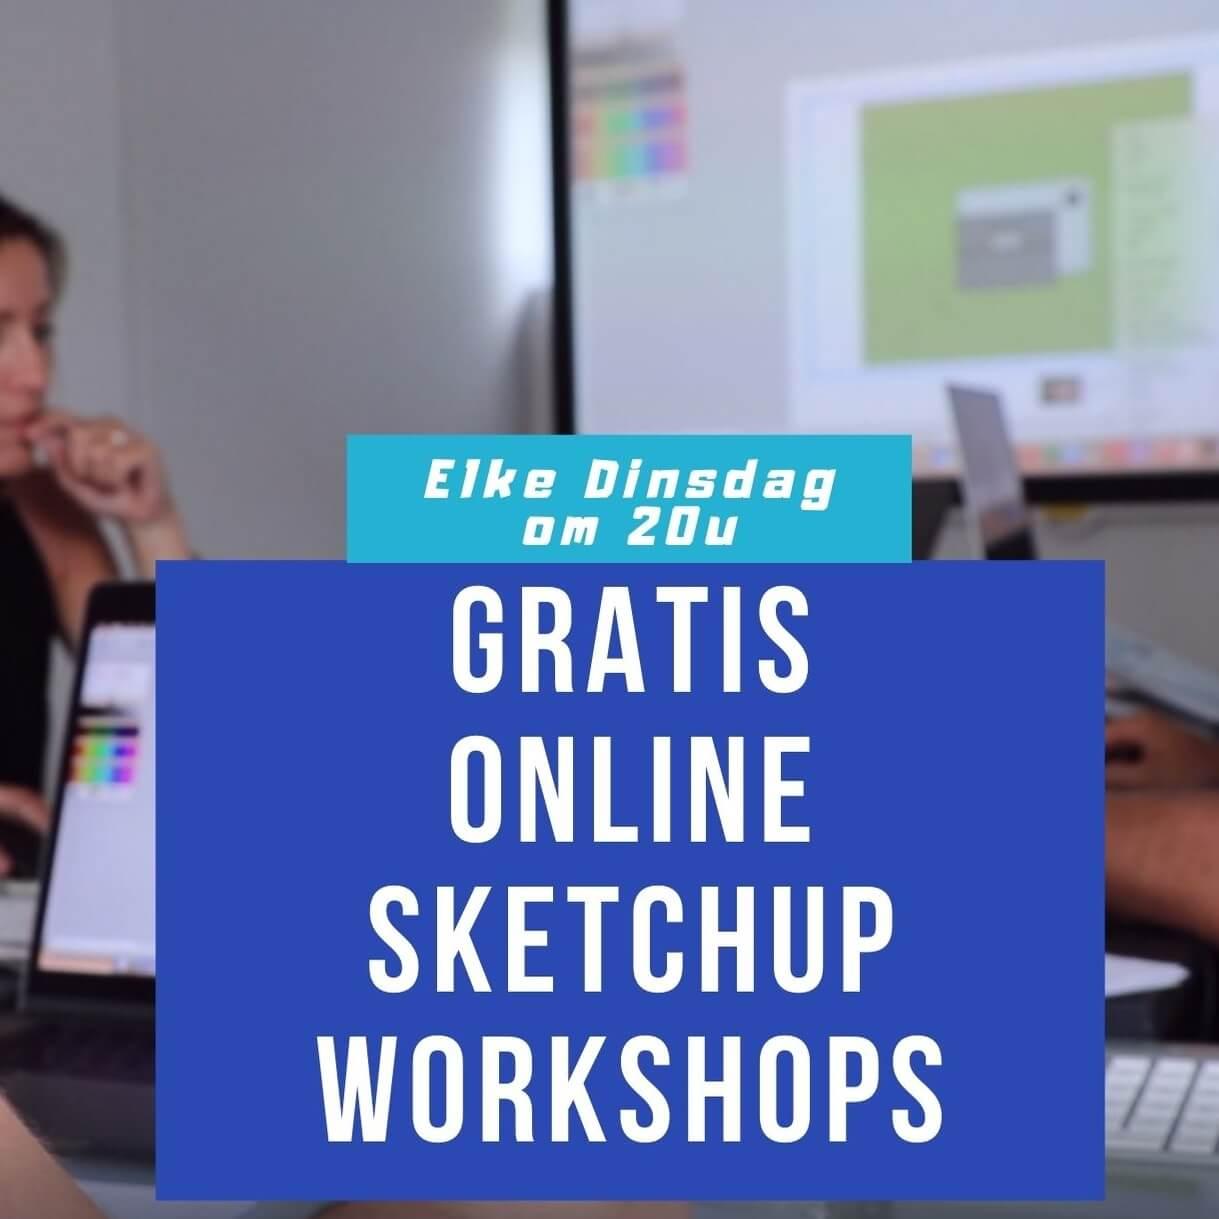 sketchup gratis workshops